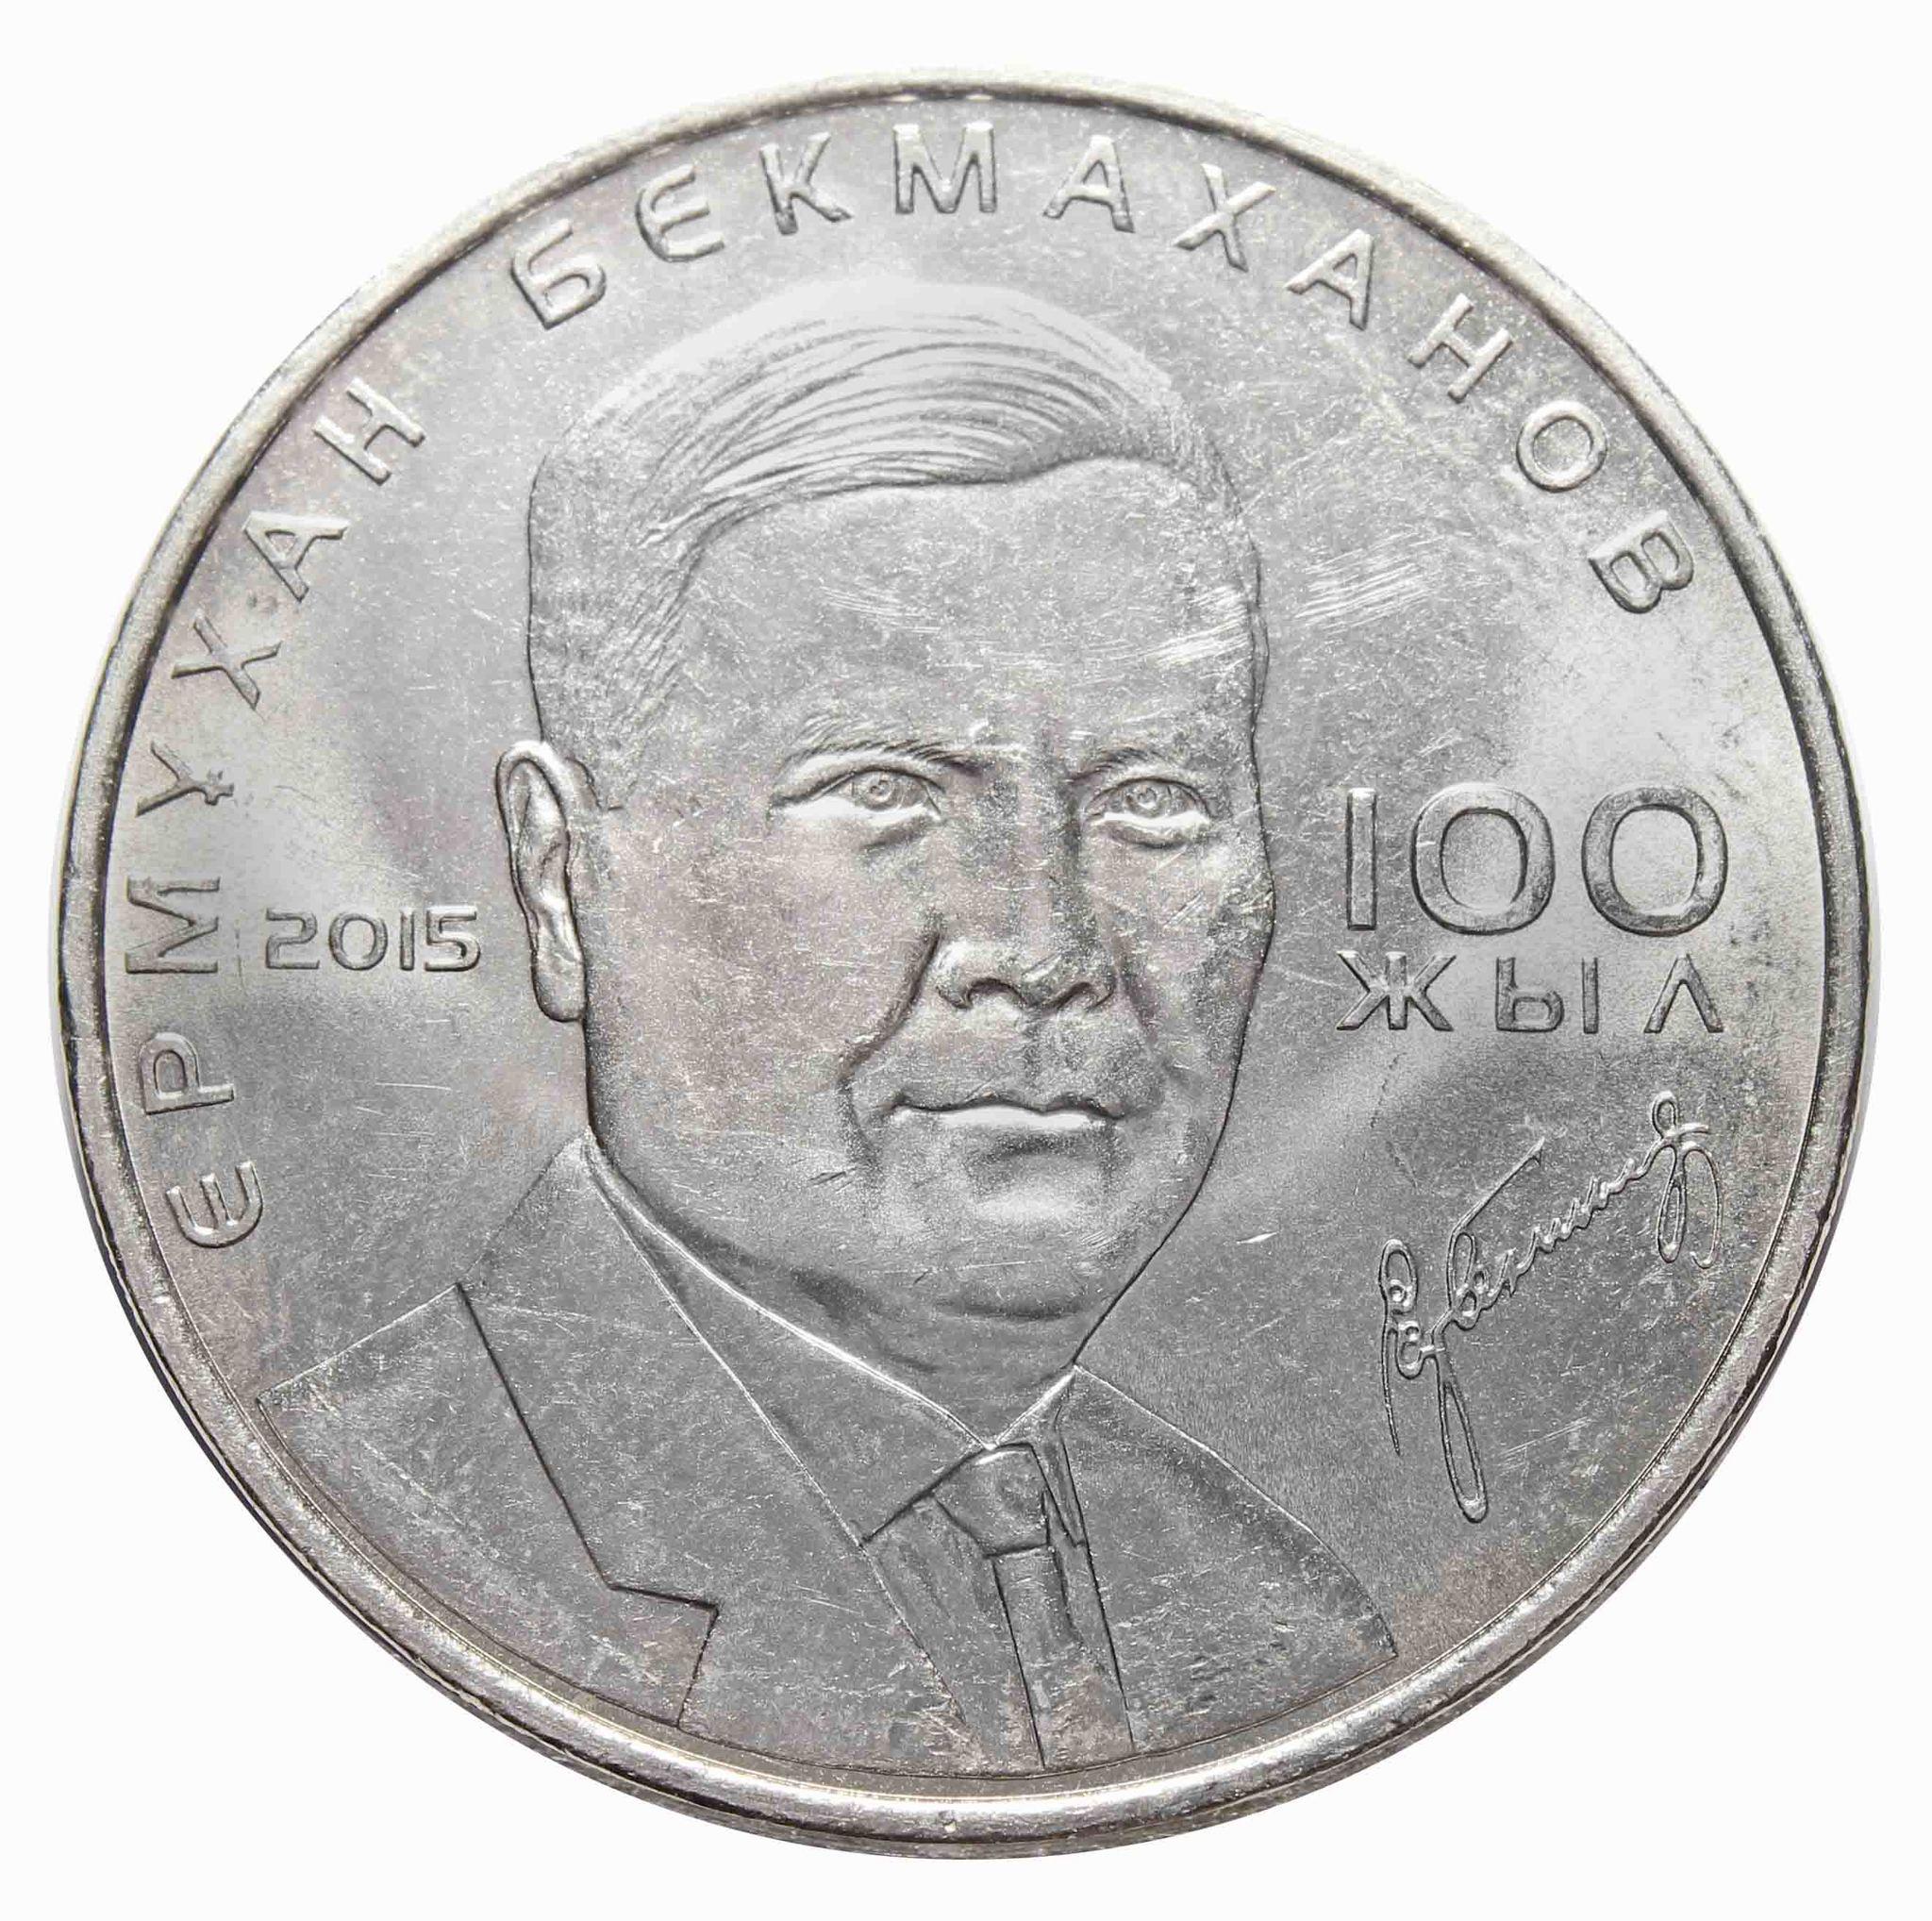 50 тенге. Ермухан Бекмаханов  2015 год